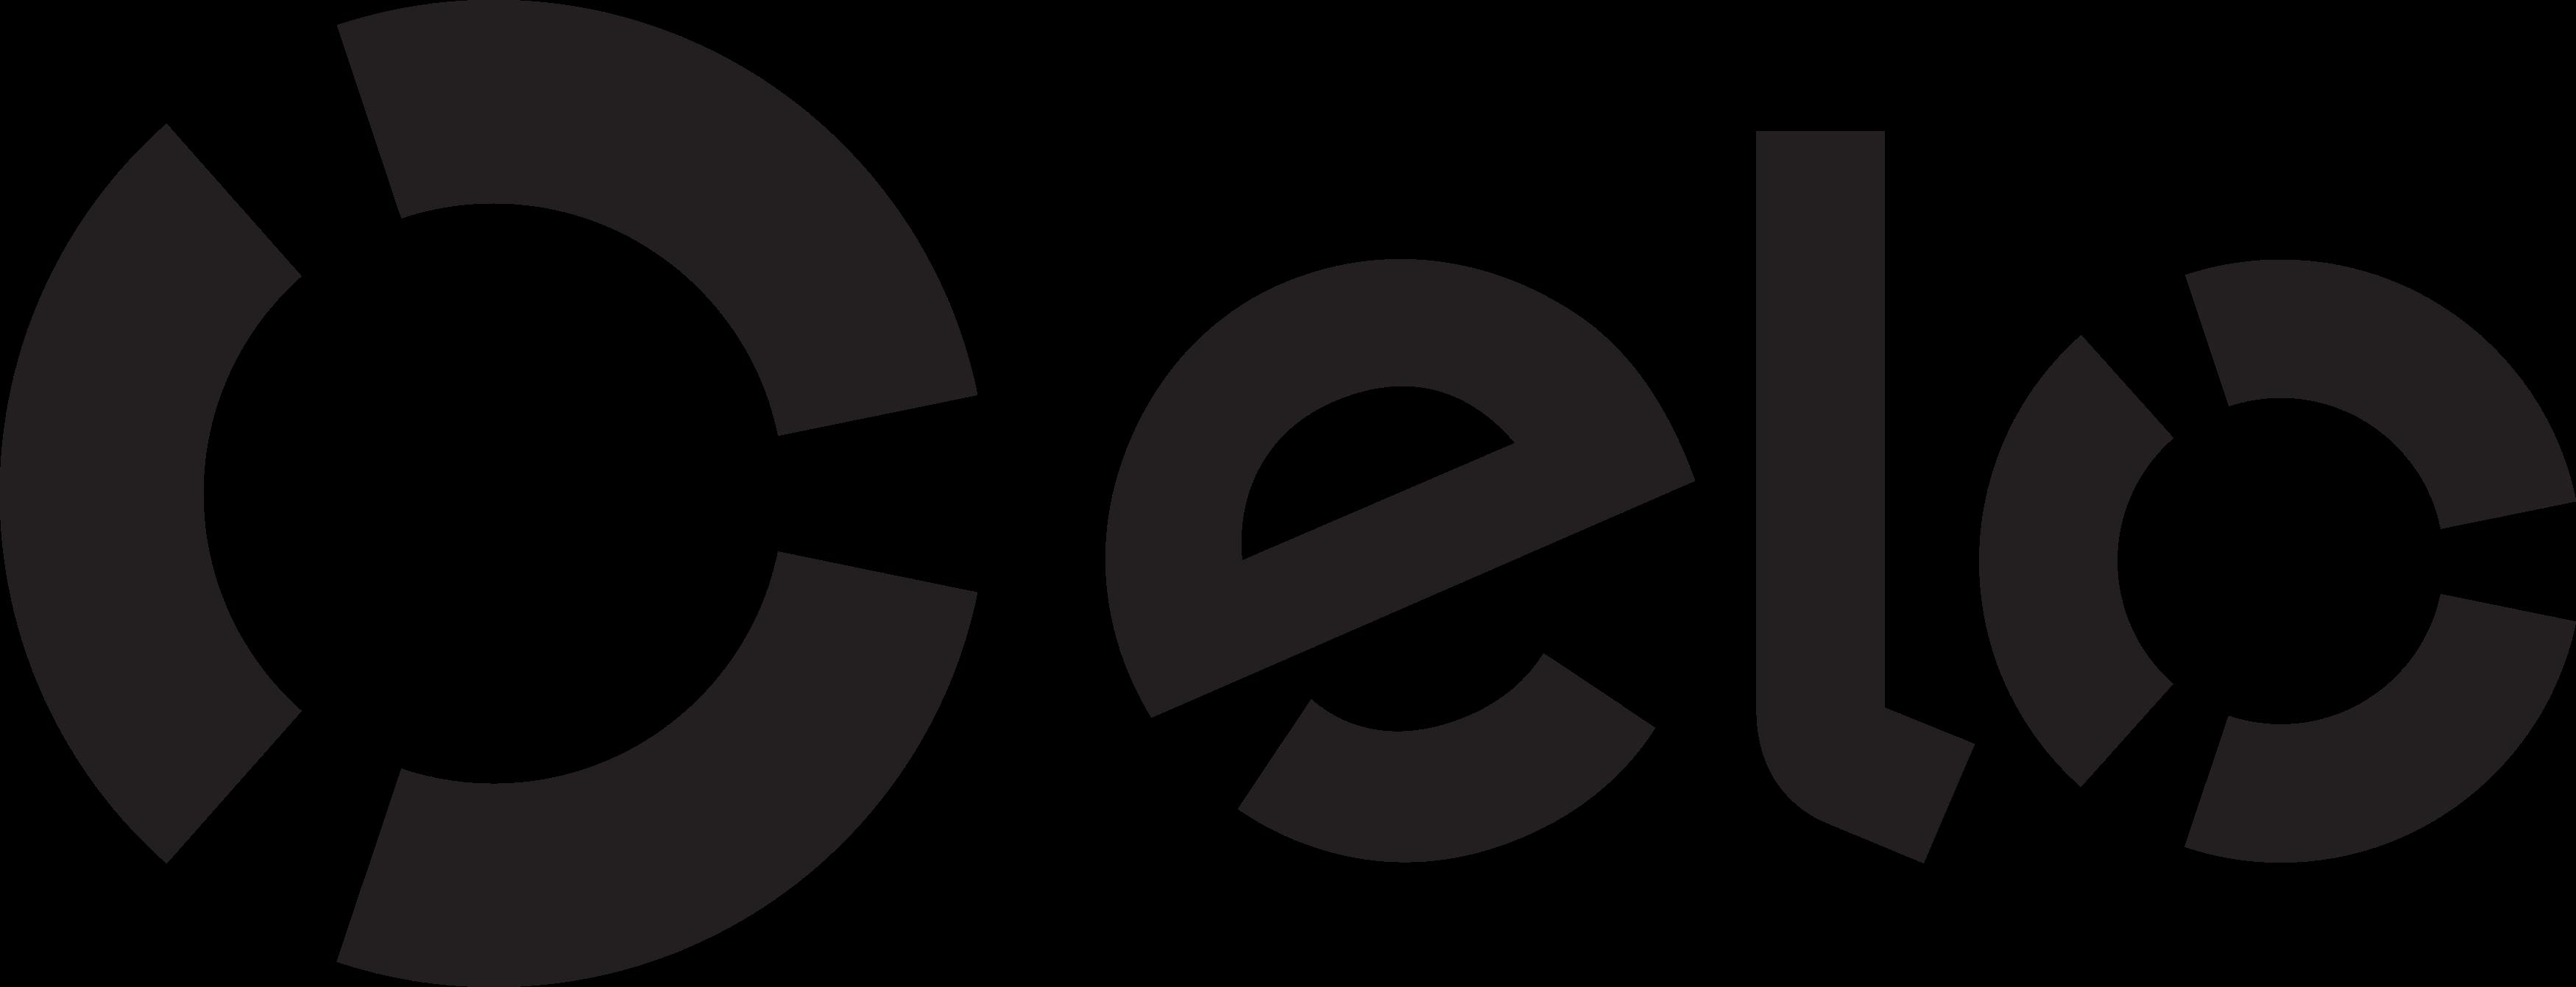 HD Elo Logo 3 19 De Junho De 2018 140 Kb 3500 × Transparent PNG.